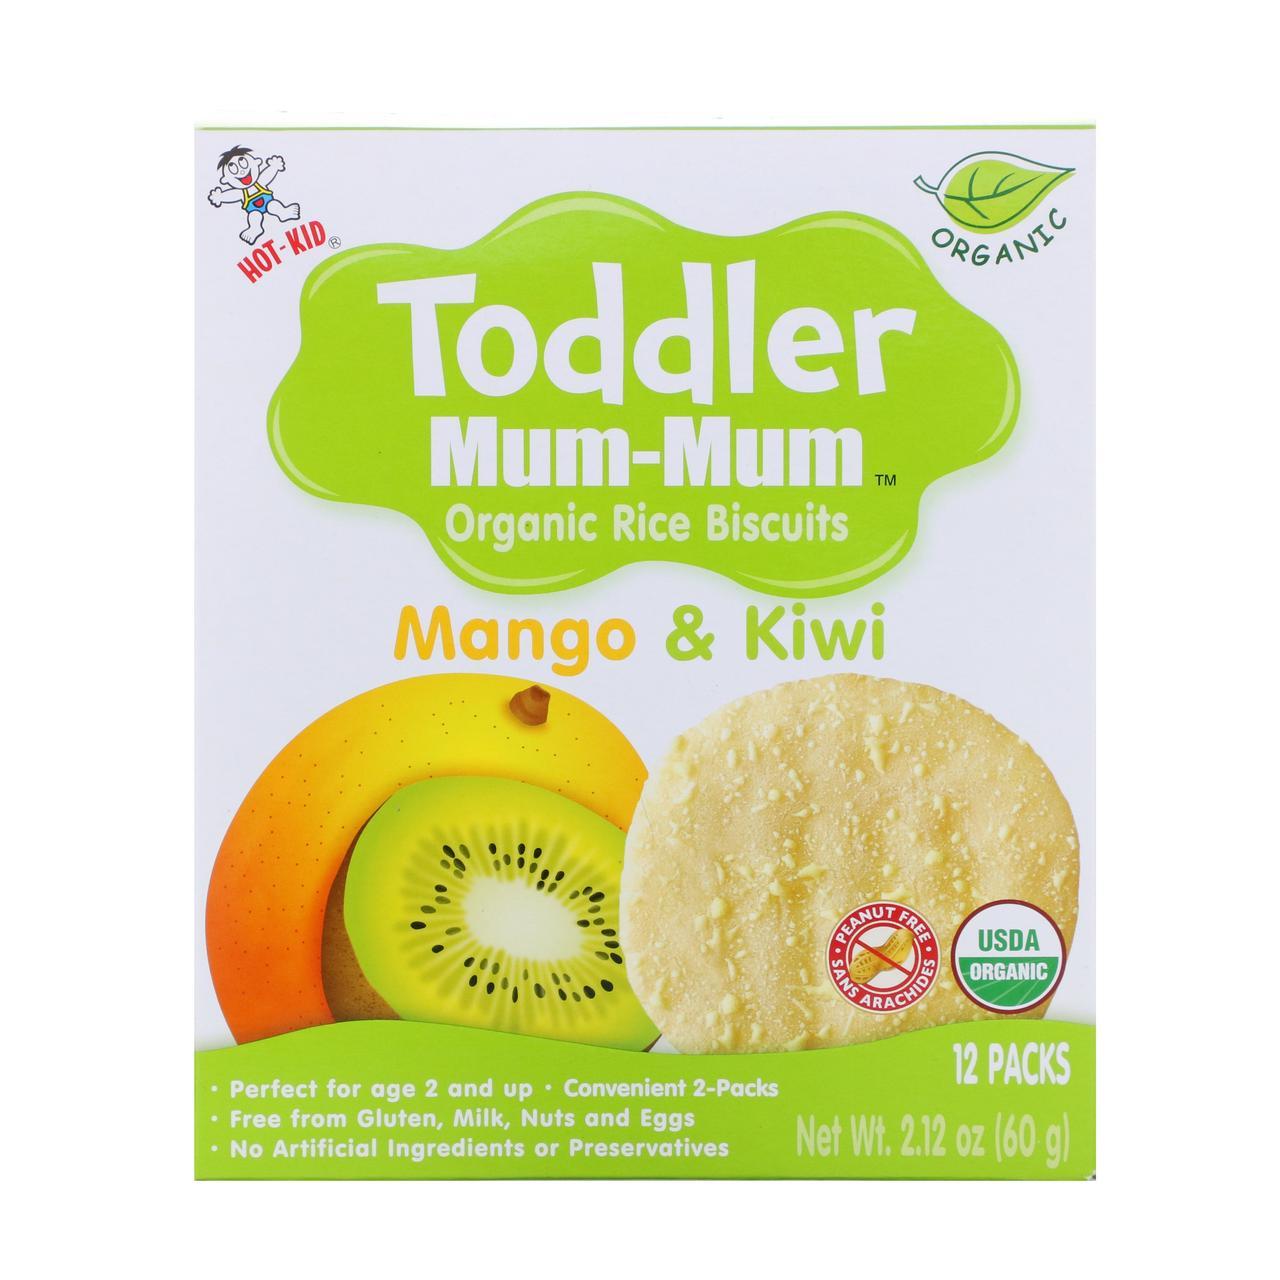 Органическое рисовое печенье, манго и киви, 12 упаковок, 60 г  Hot Kid, Toddler Mum-Mum,